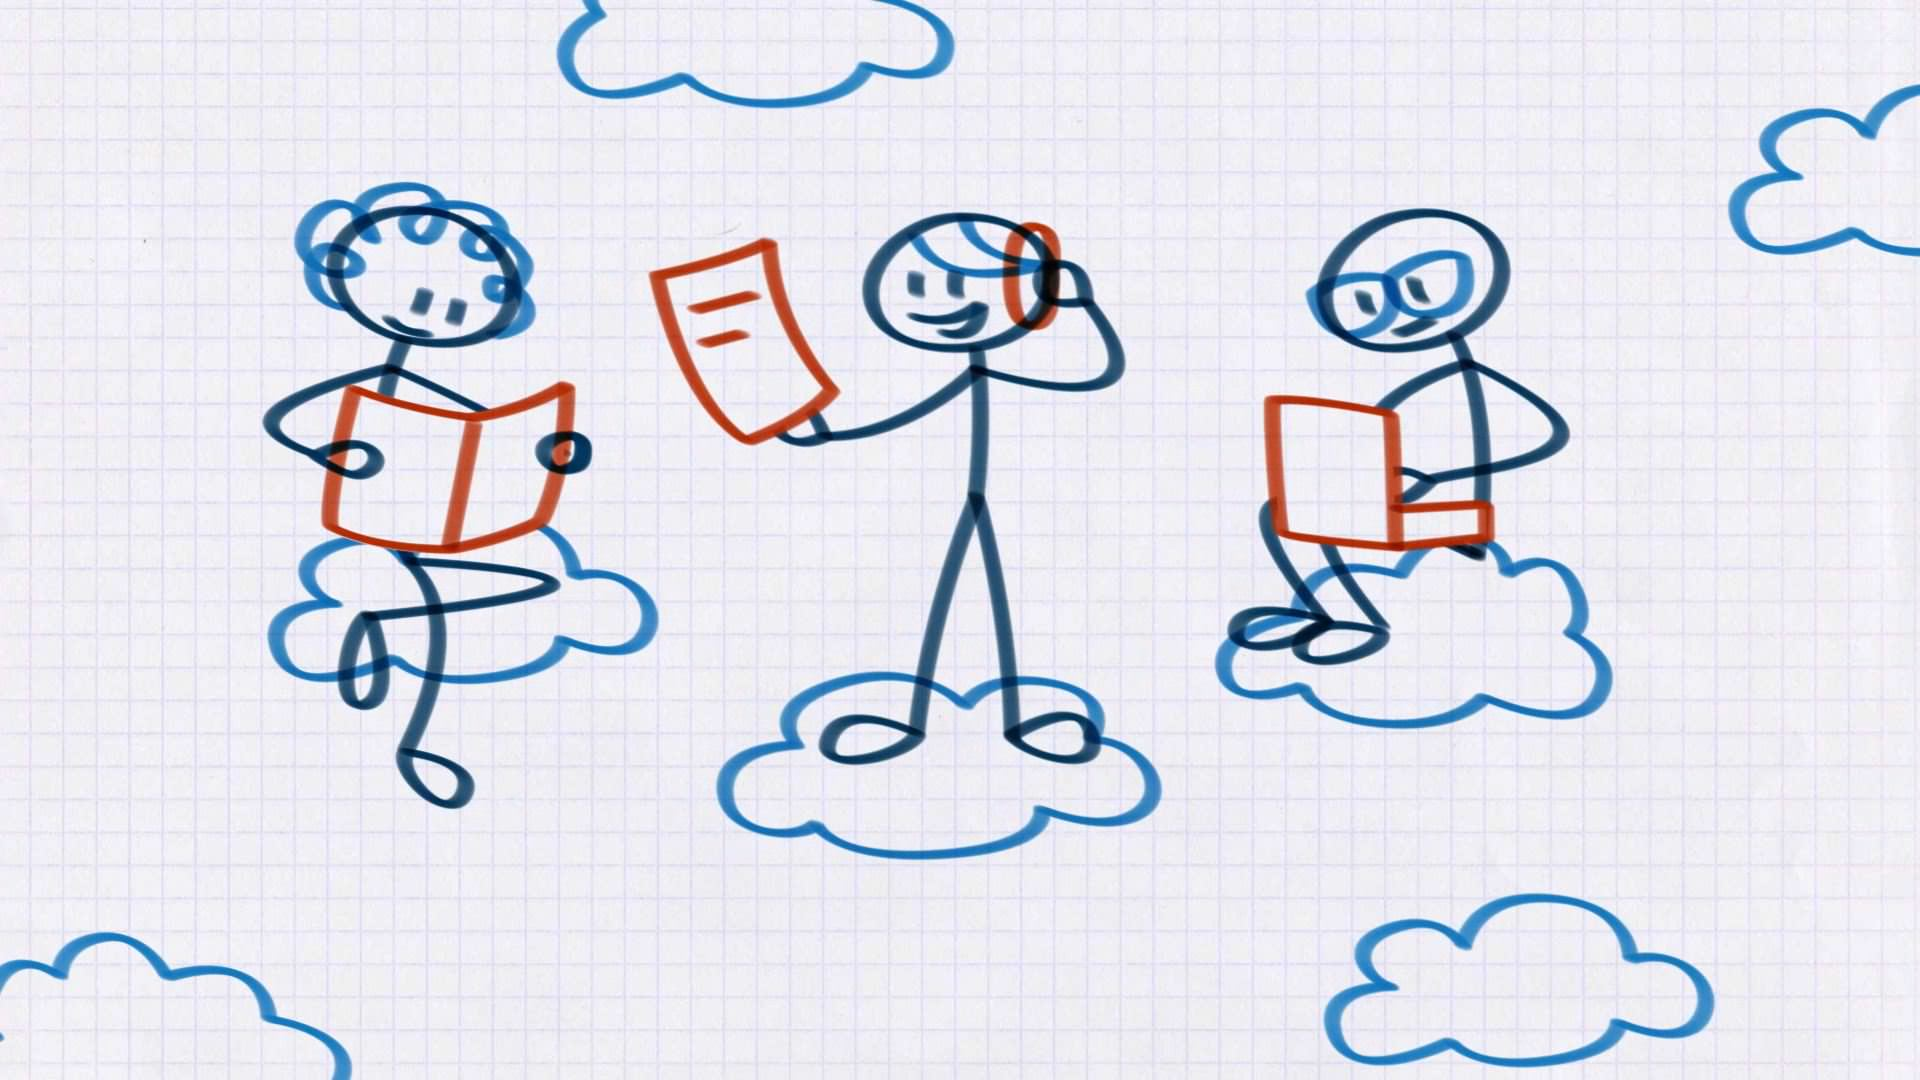 Branded Networks Myler screenshot